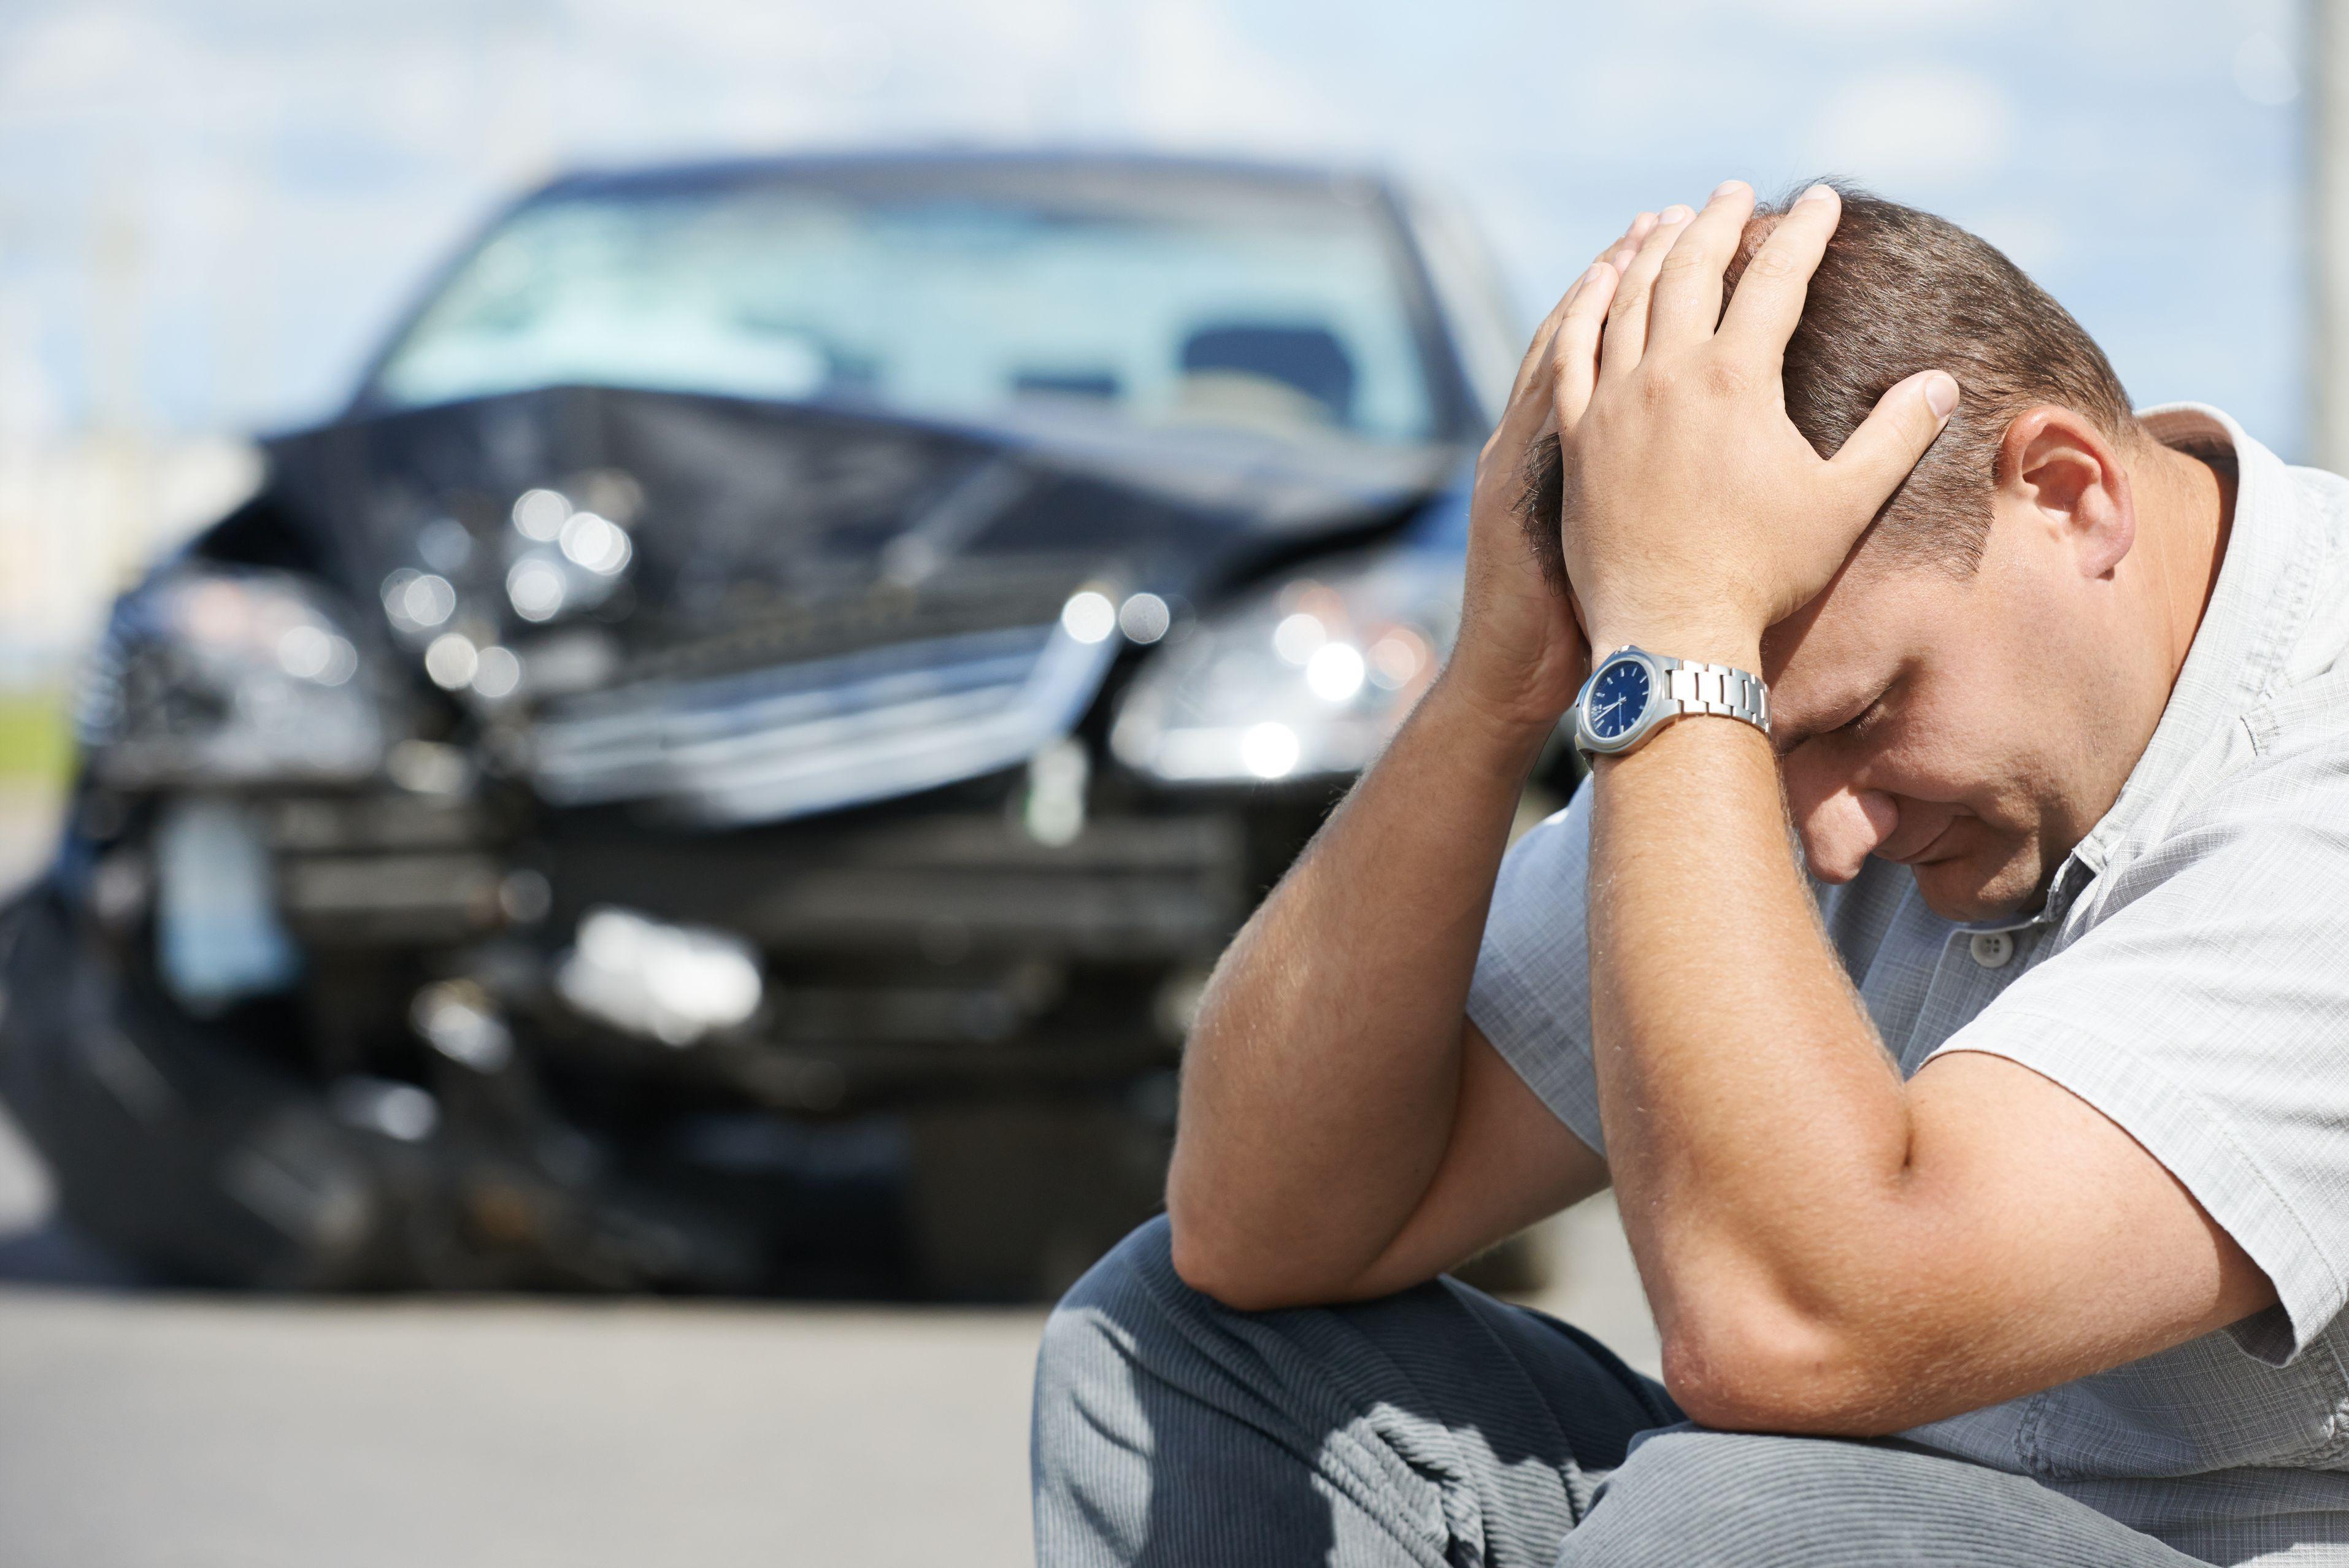 A la hora de renovar tu carnet de conducir busca un buen lugar para hacerlo.